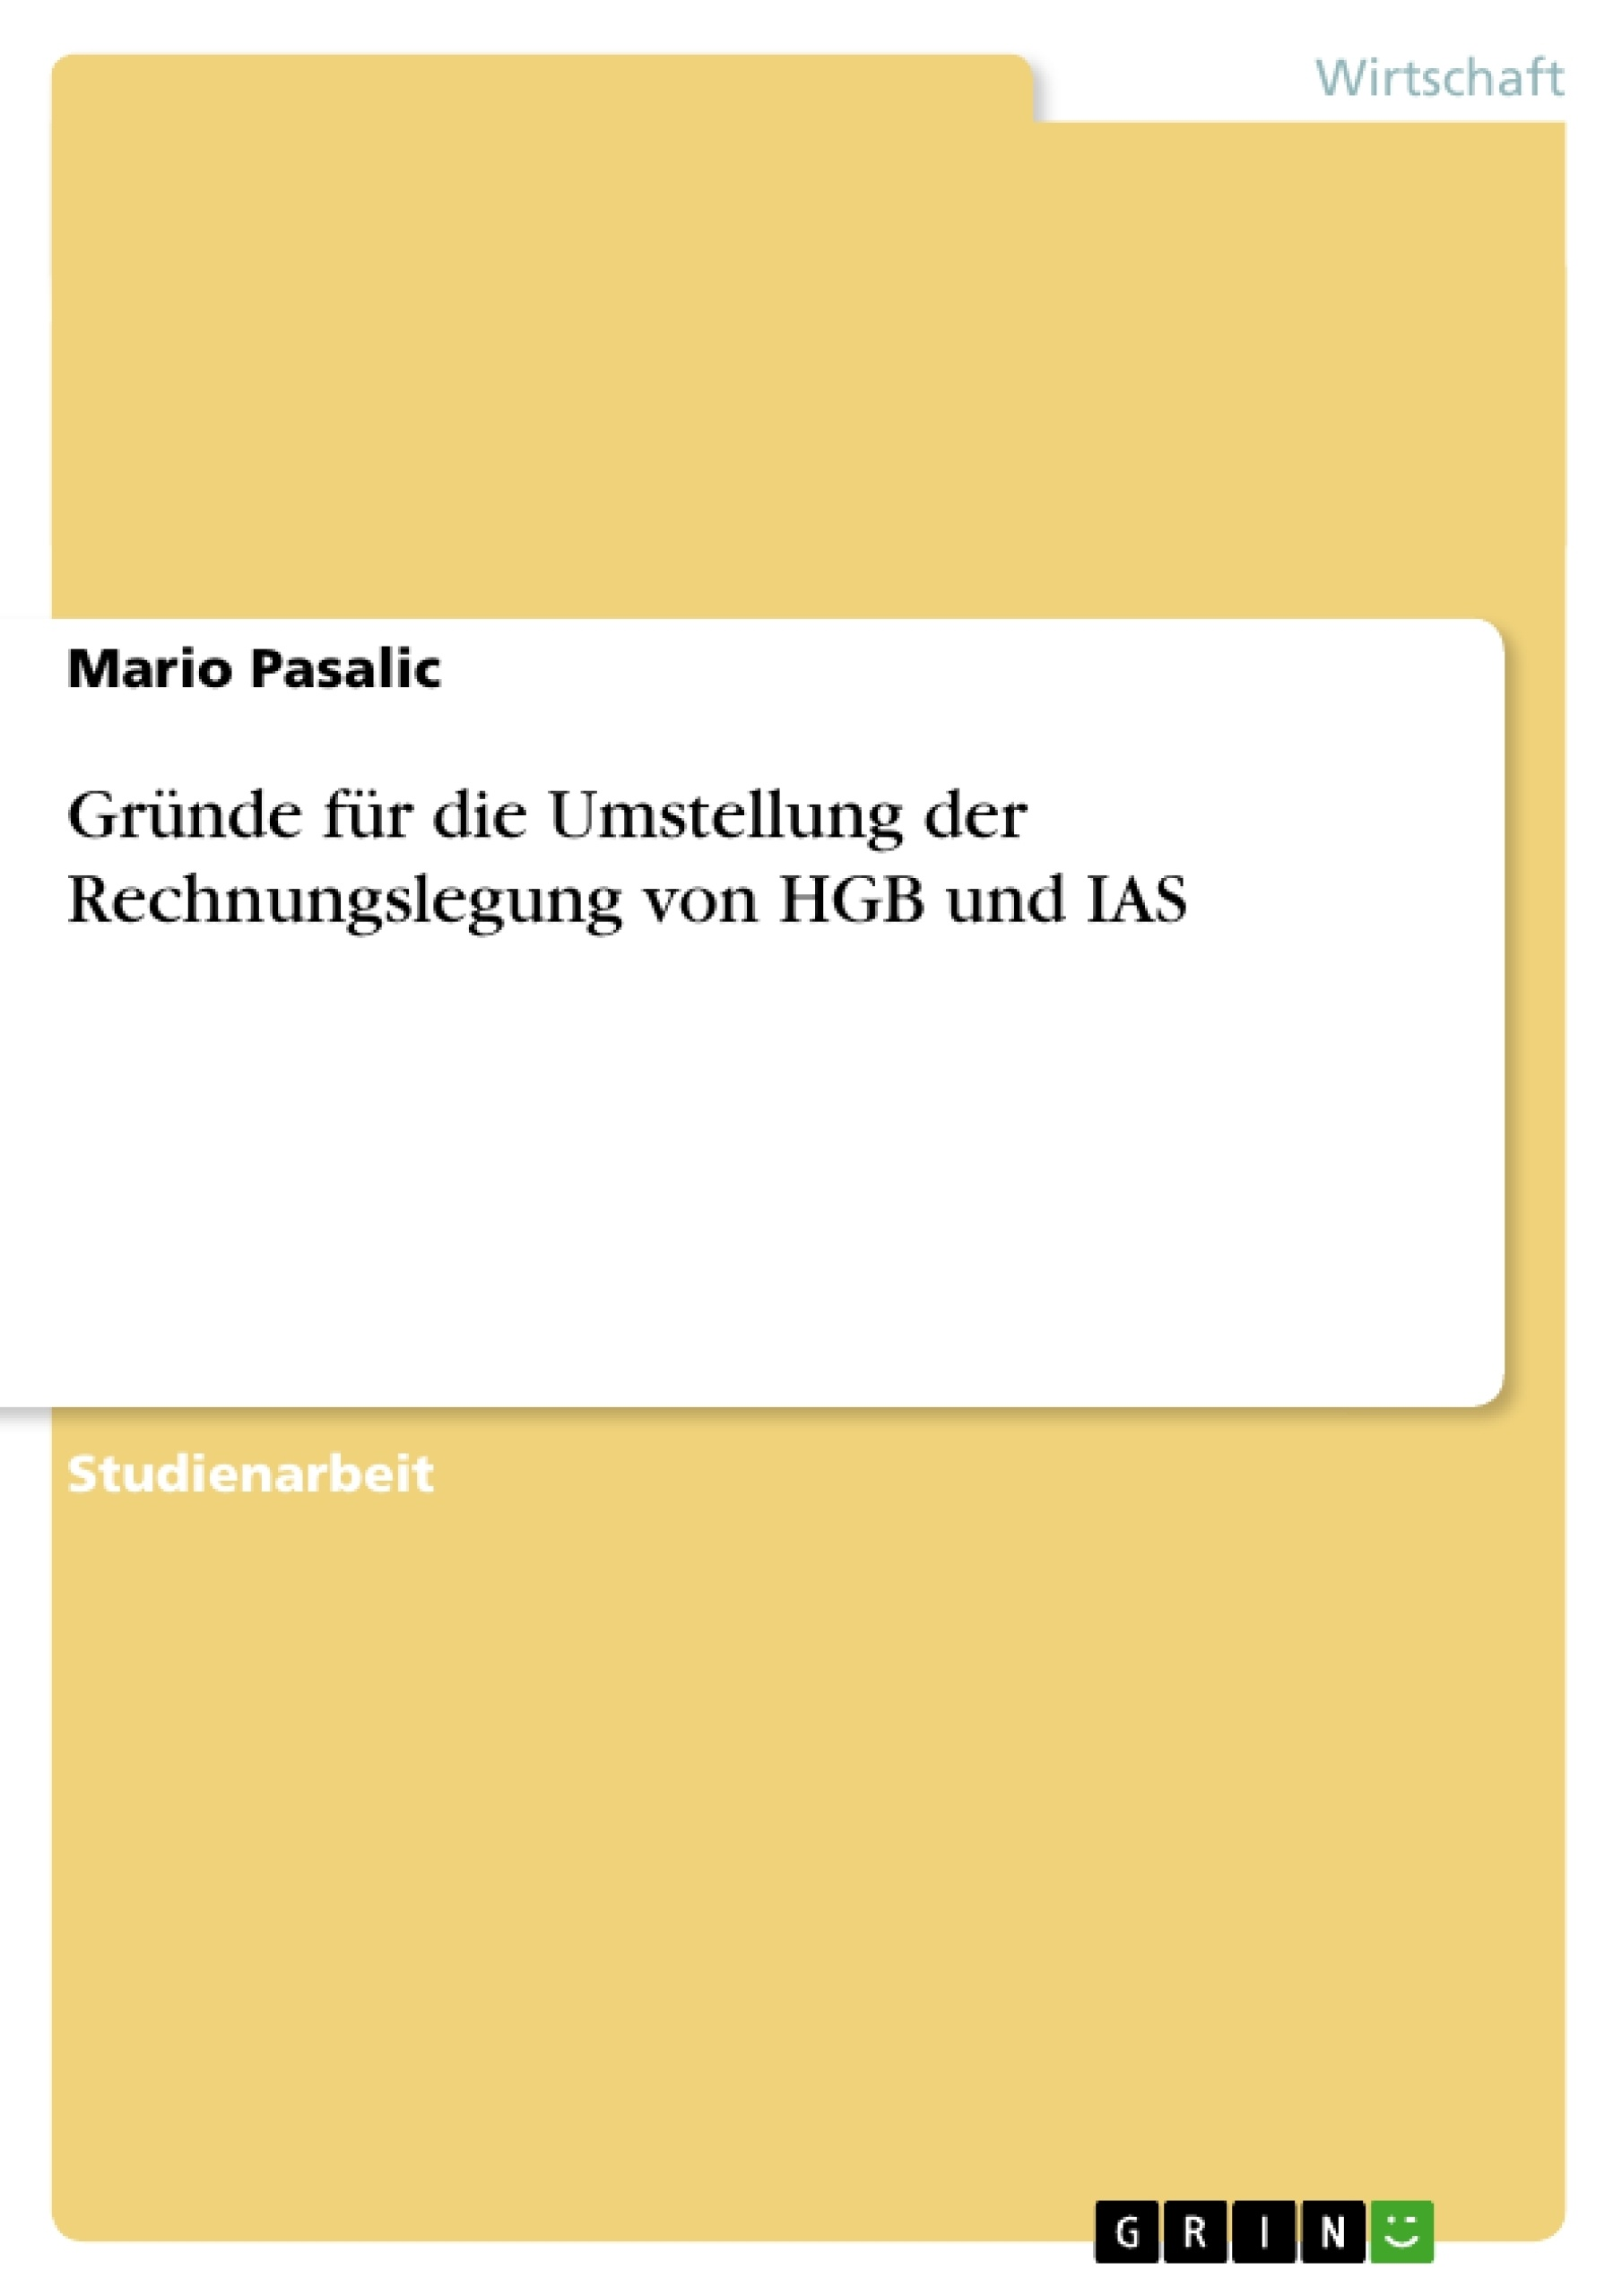 Titel: Gründe für die Umstellung der Rechnungslegung von HGB und IAS